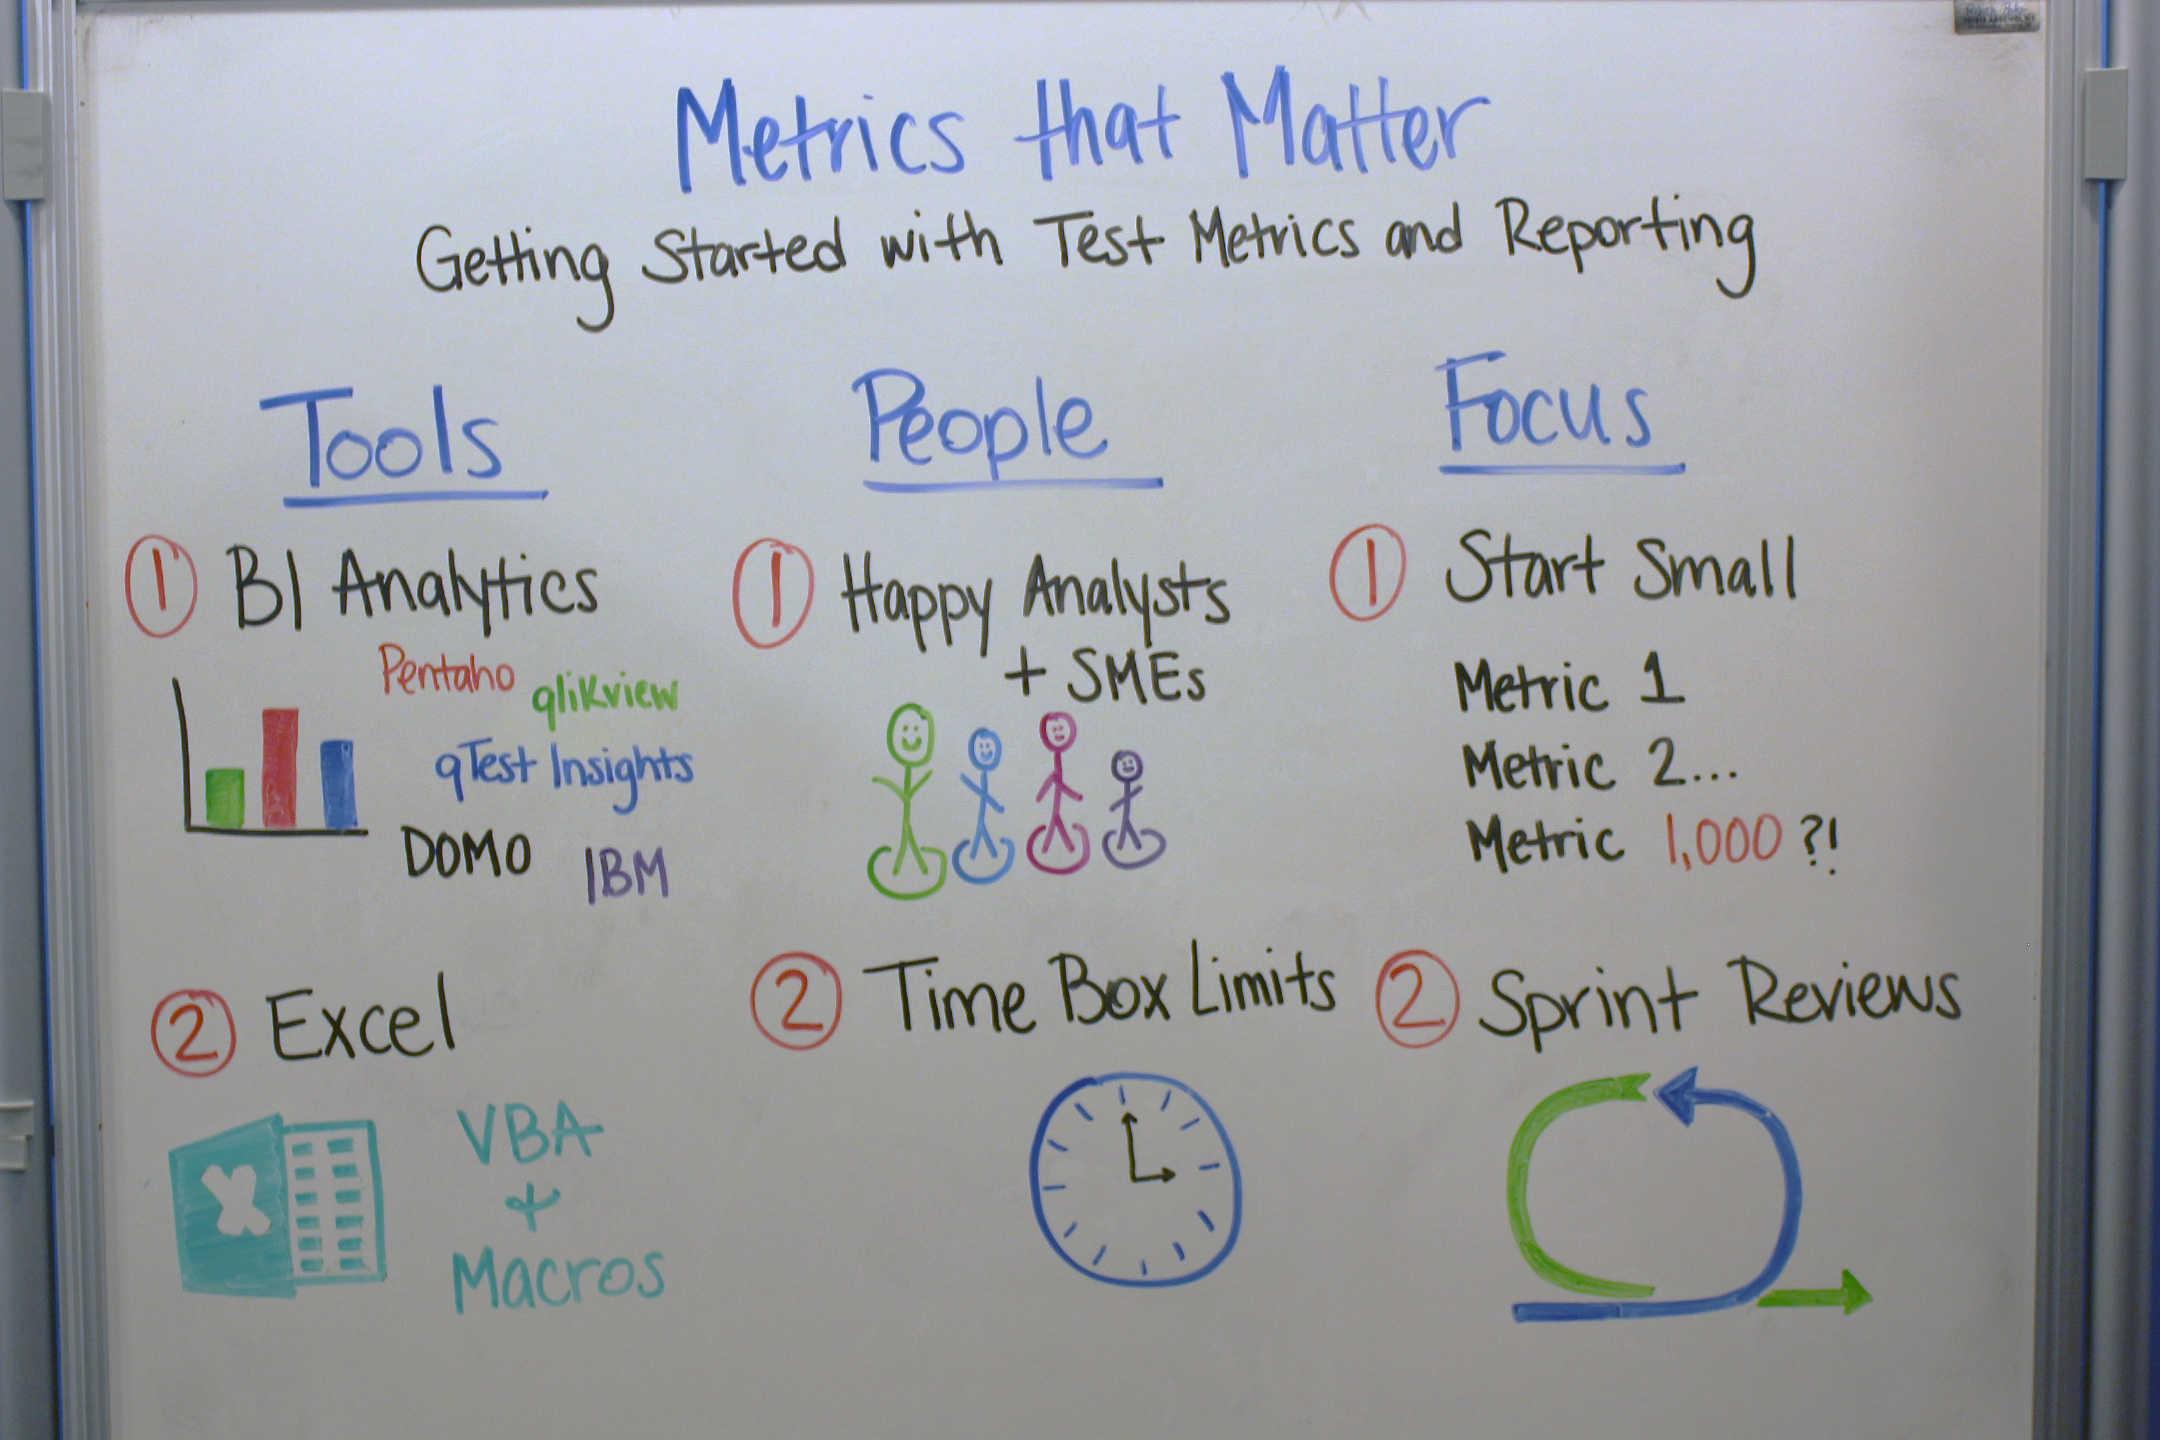 test metrics